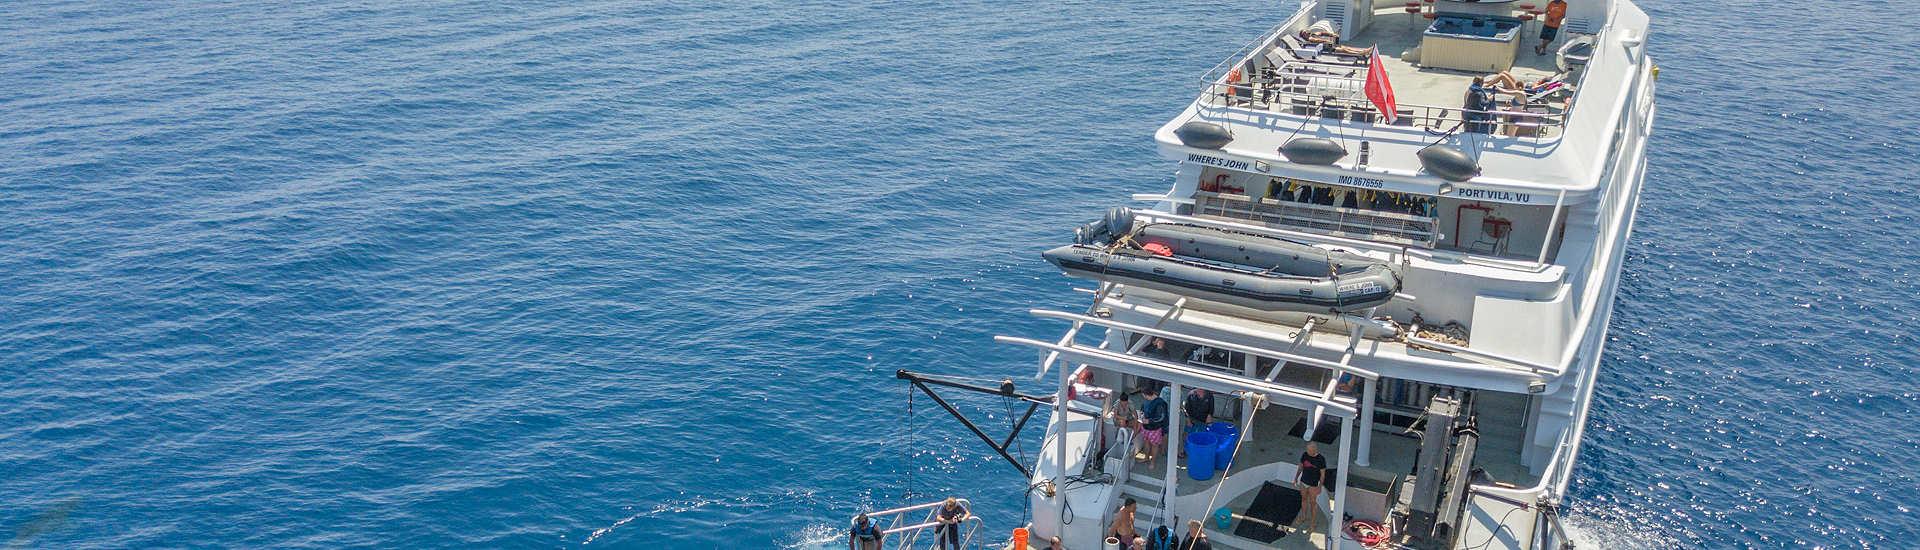 Nautilus Belle Amie – Käfigtauchen mit weißen Haien, Guadalupe